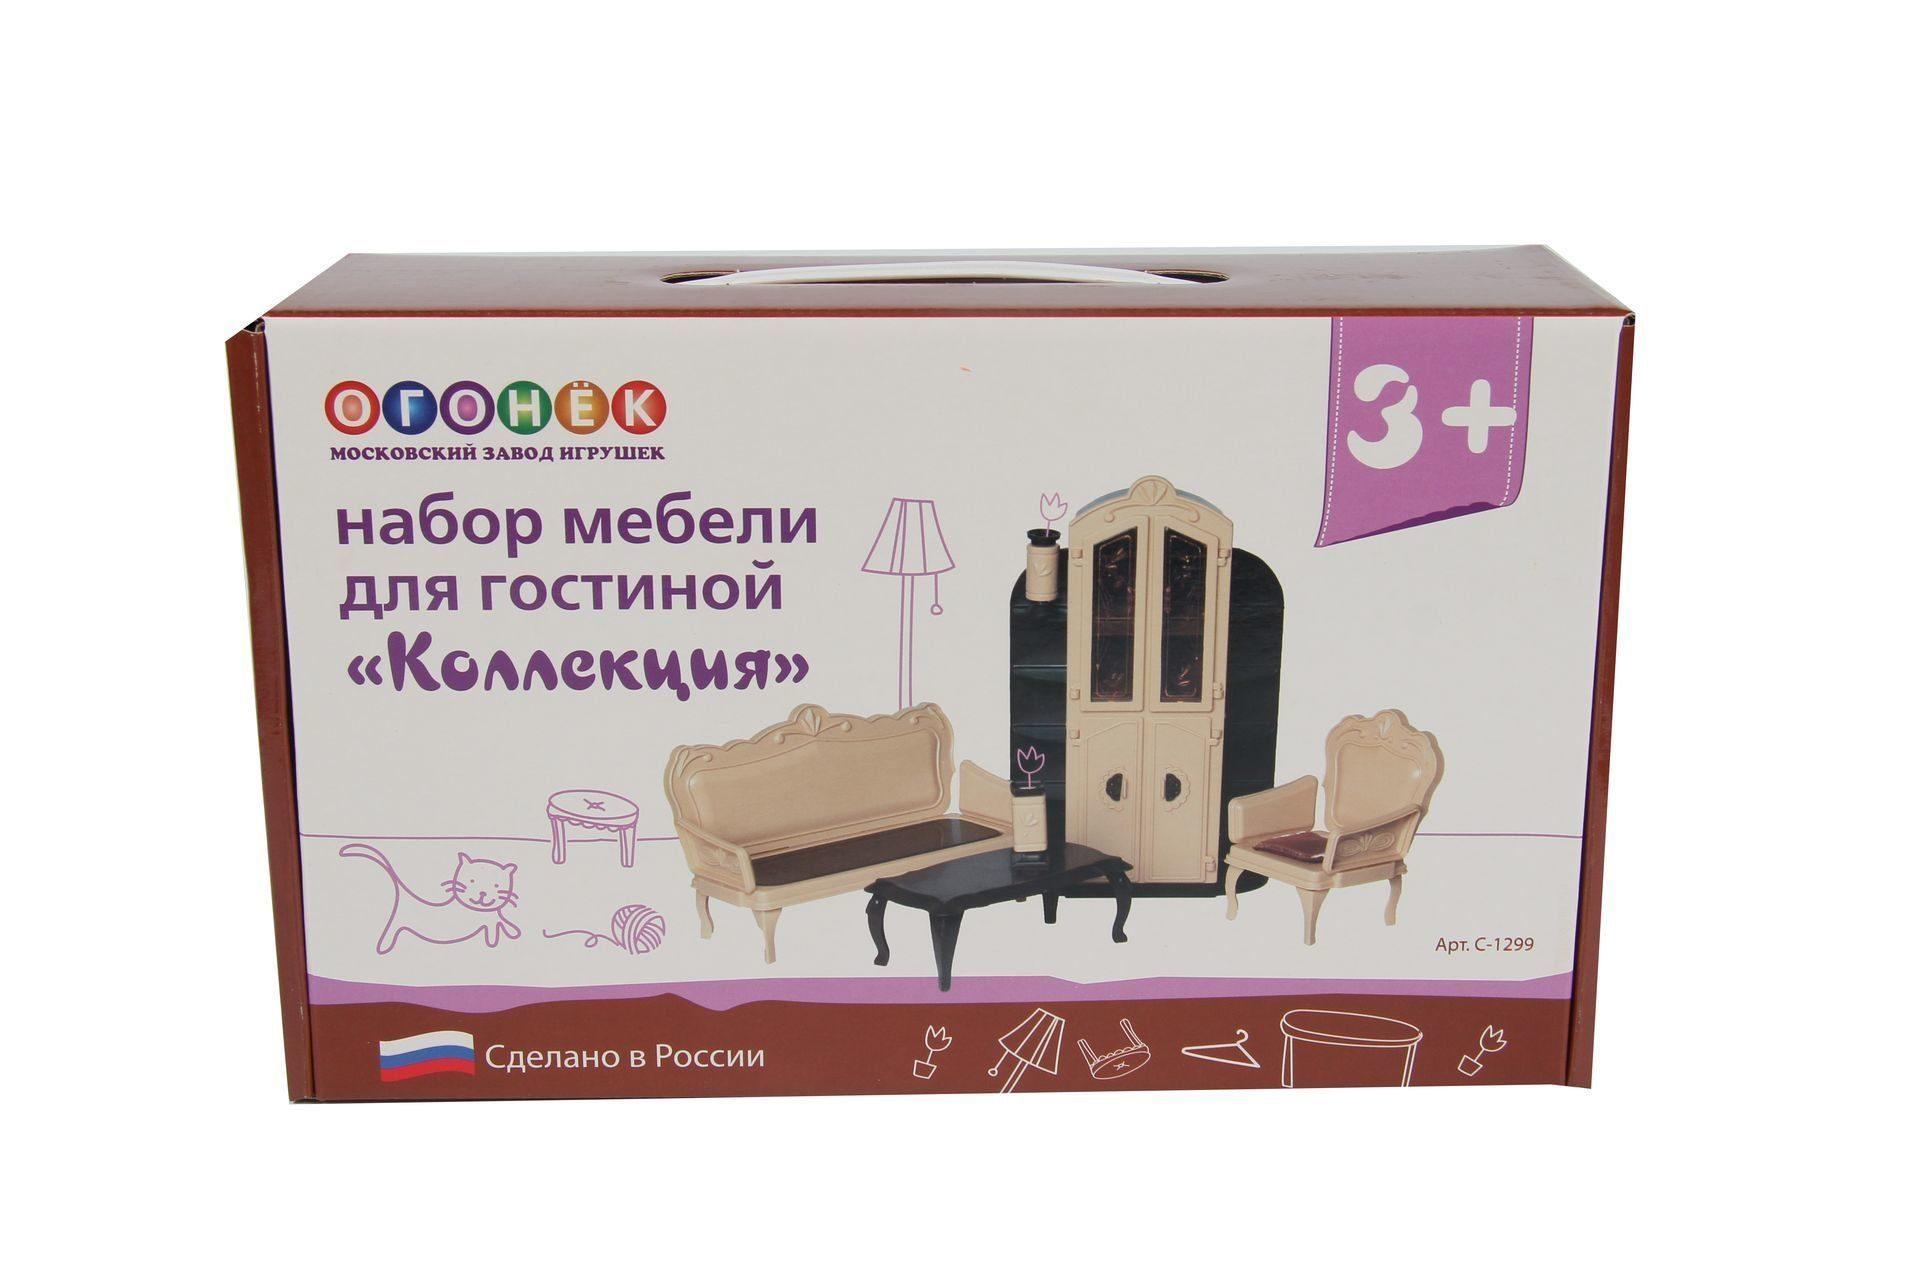 Игрушки Фабрики Огонек Купить В Интернет Магазине